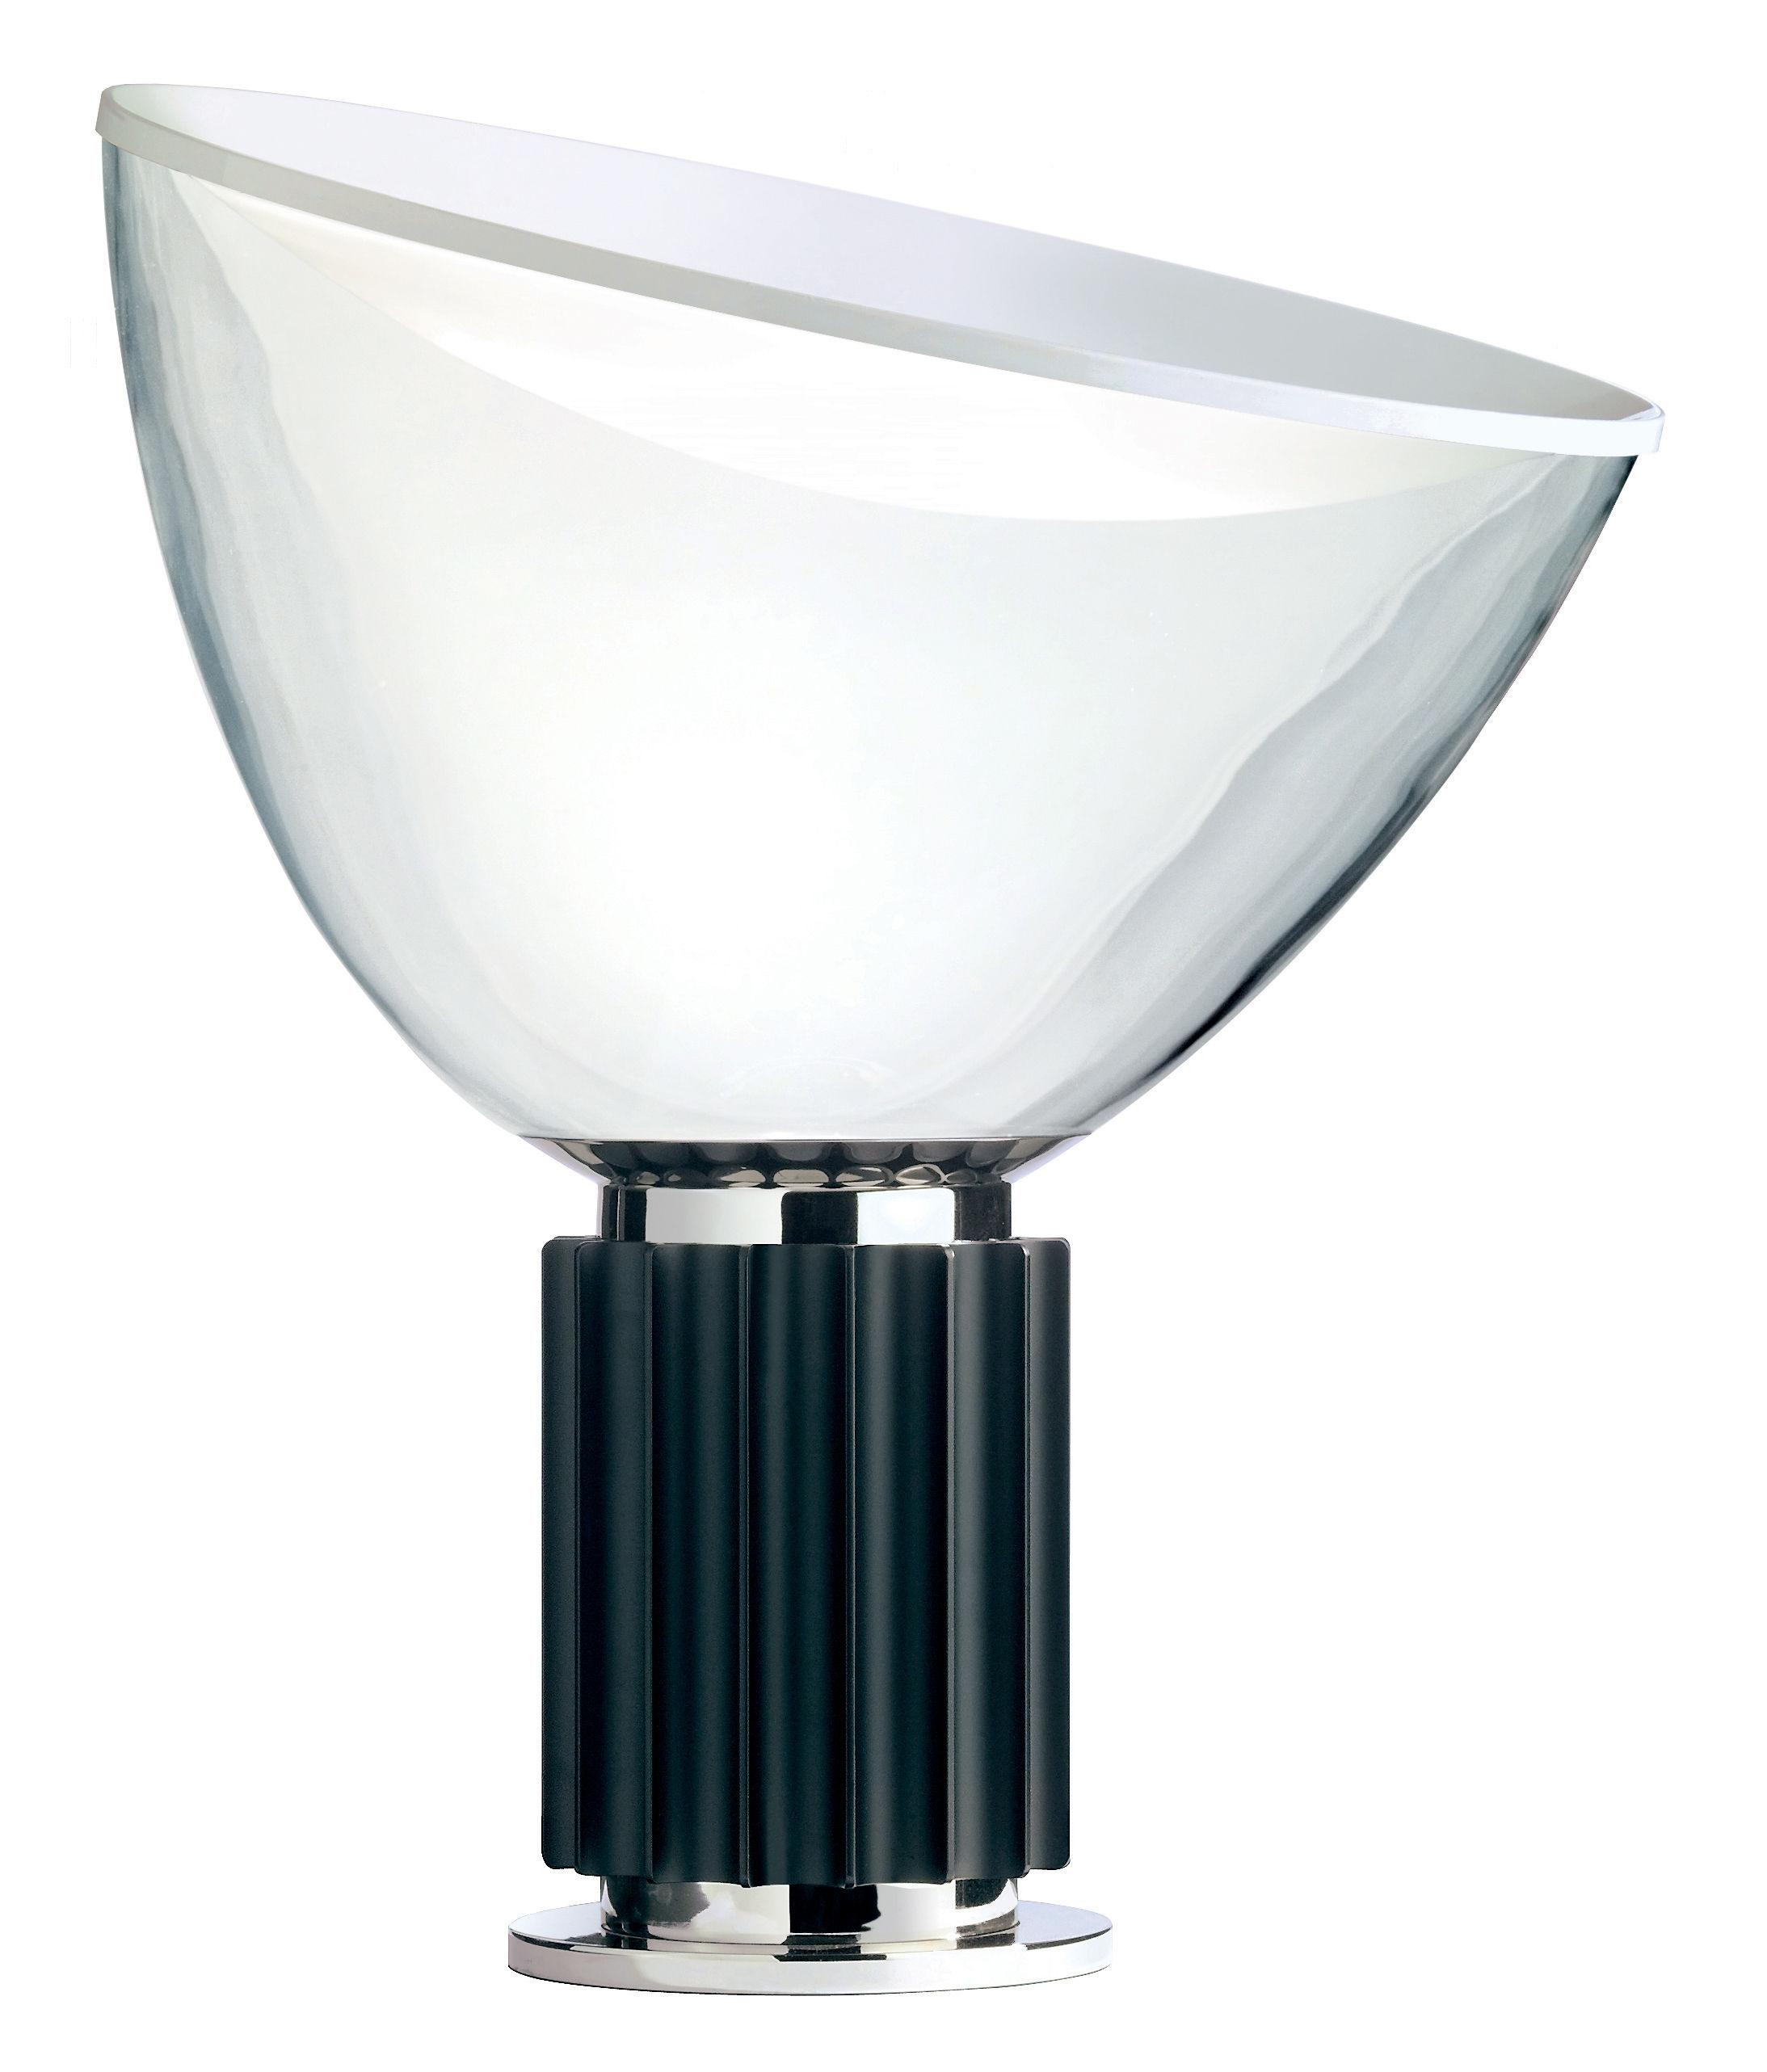 Leuchten - Tischleuchten - Taccia Tischleuchte - Flos - Schwarze Basis - Aluminium, mundgeblasenes Glas